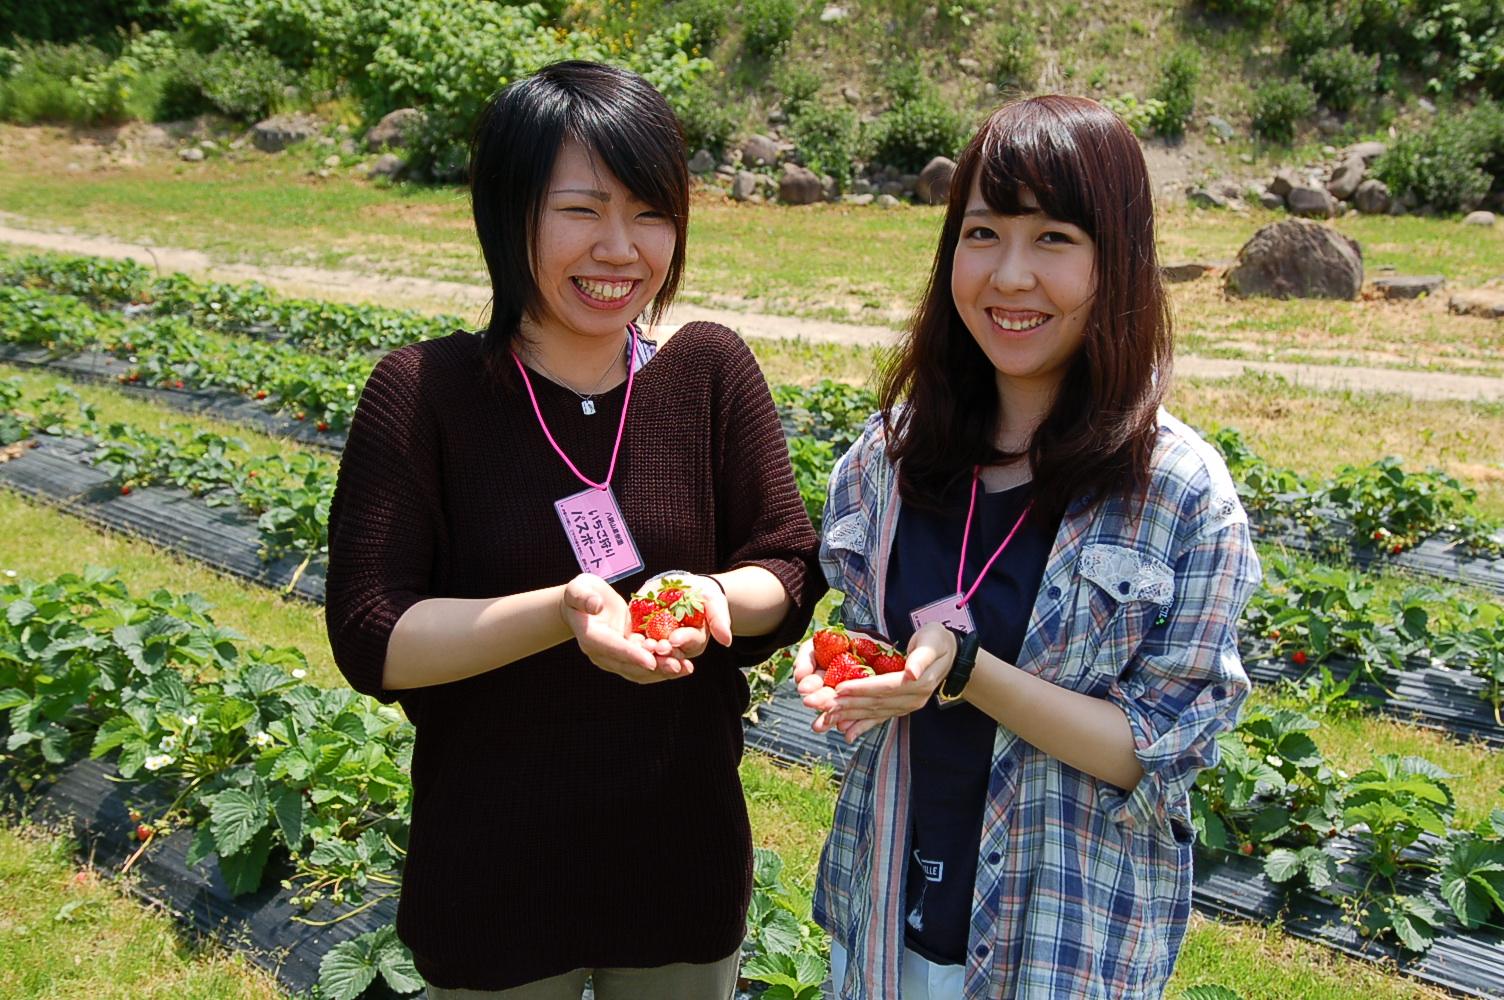 札幌でイチゴ狩りとウェスタン乗馬の両方が楽しめるプランが新登場!